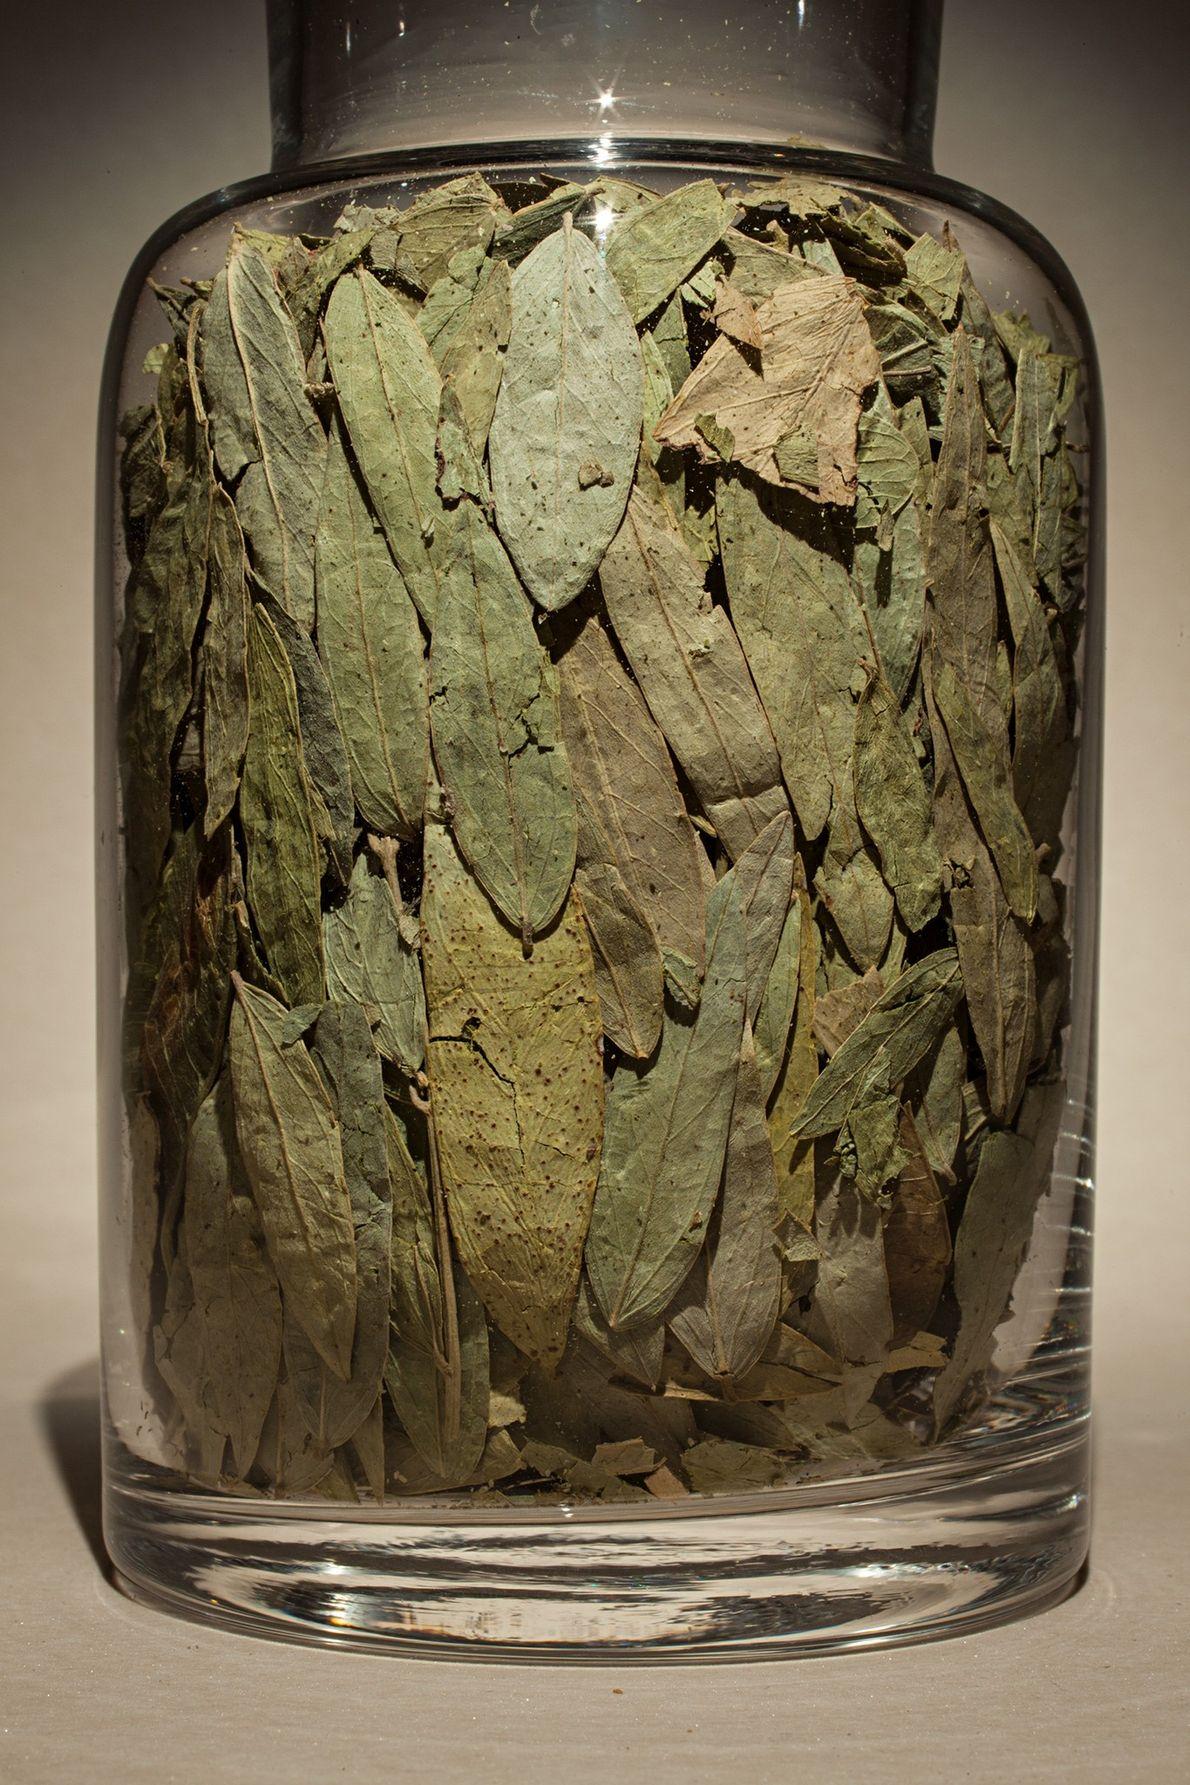 Nombre común: Hoja de Cassia Latín: Cassia angustifolia Chino: Fan xie ye Usos: Detiene el sangrado, alivia el estreñimiento